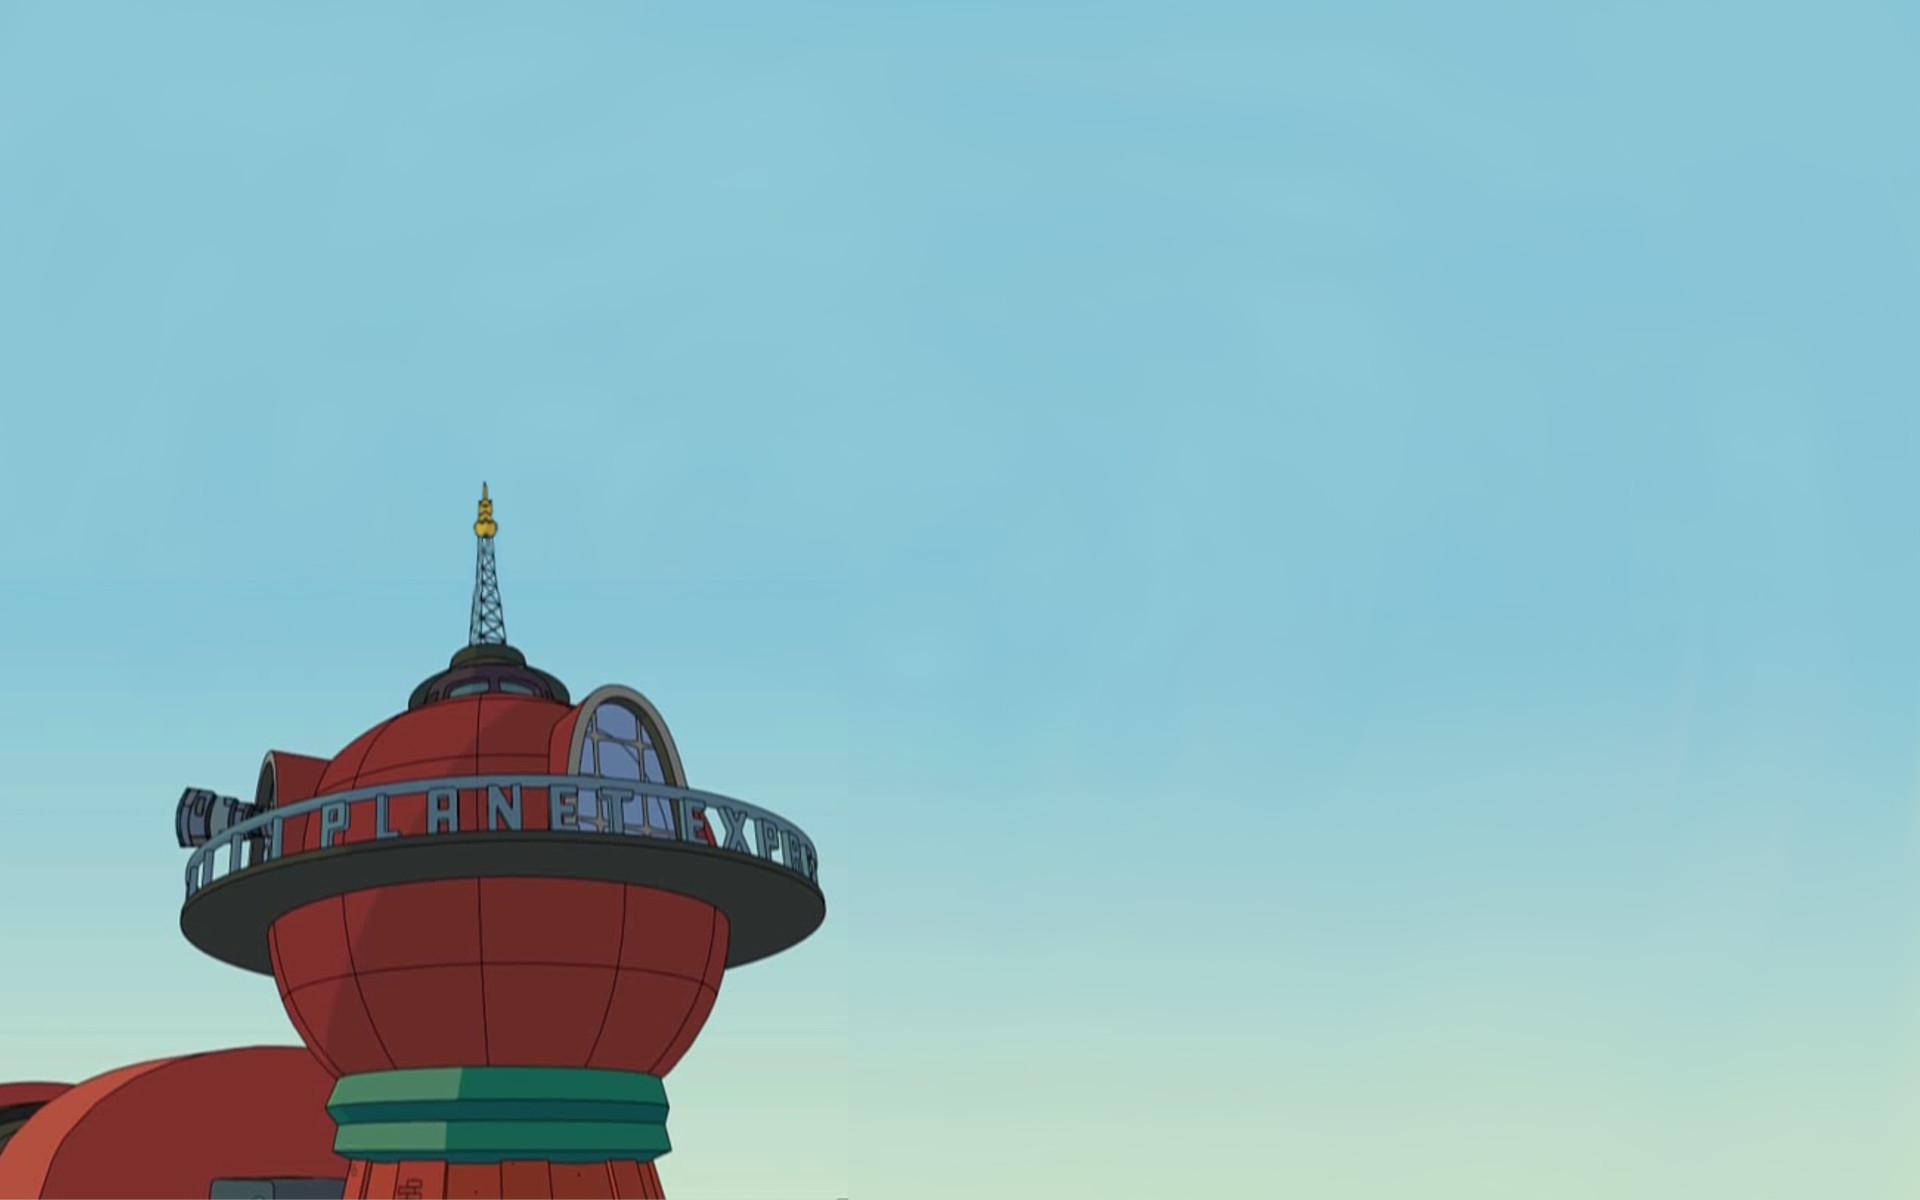 I made a Futurama background